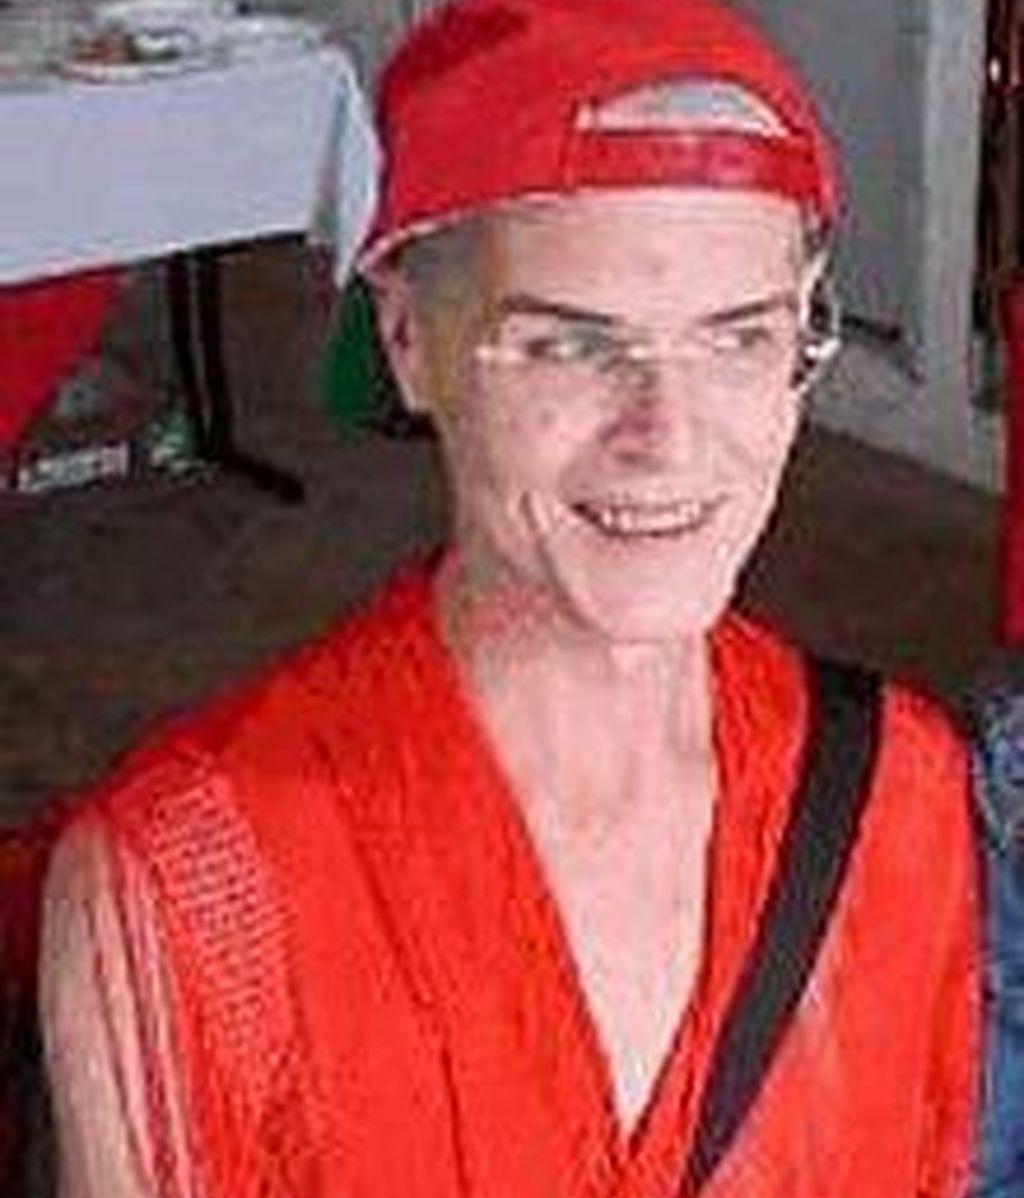 Norrie May-Welby, de 48 años ha sido reconocida por primera vez en la historia la identidad sexual 'neutra'. Foto: 'Daily Telegraph'